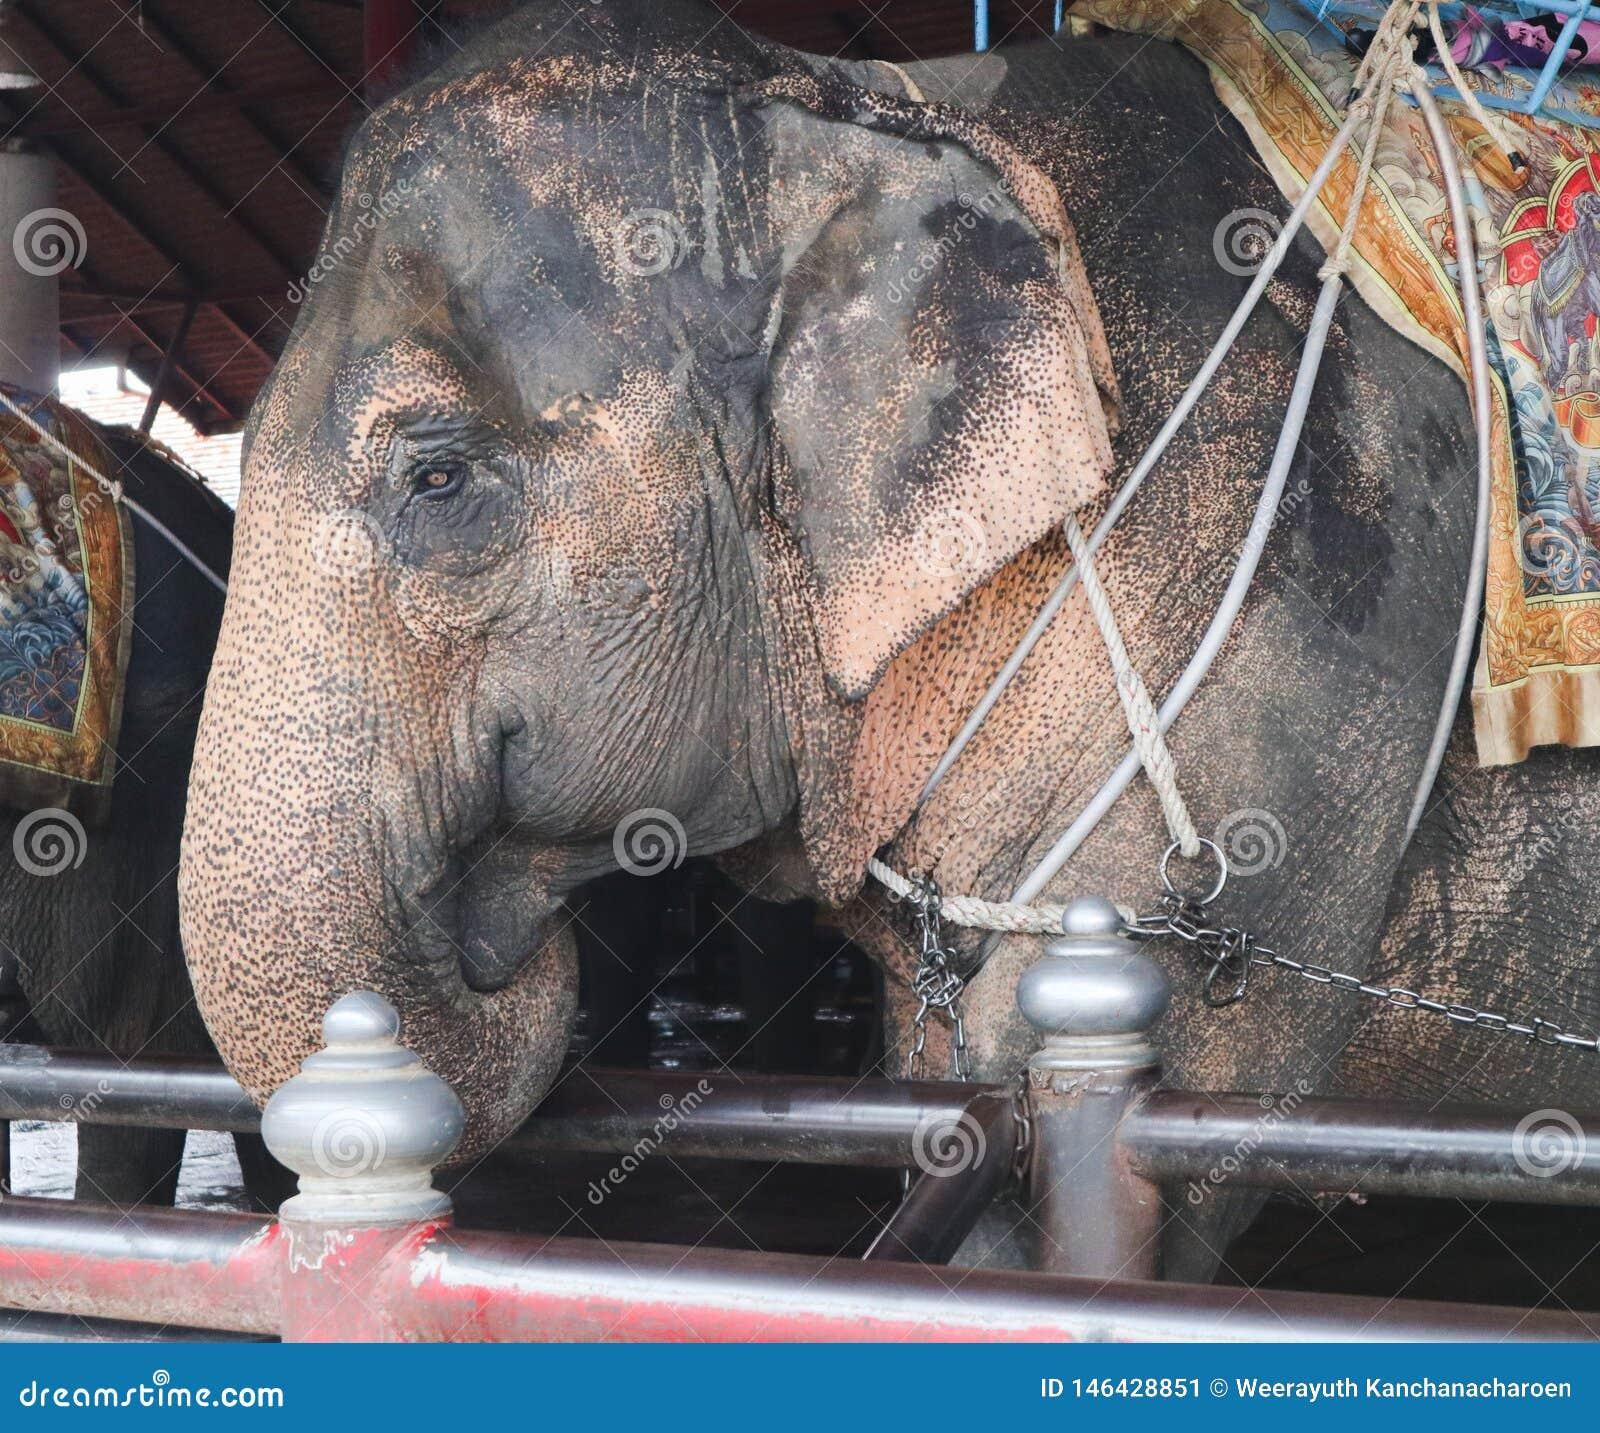 Sch?ne nette Elefanten in den G?rten bewirtschaften im Freien